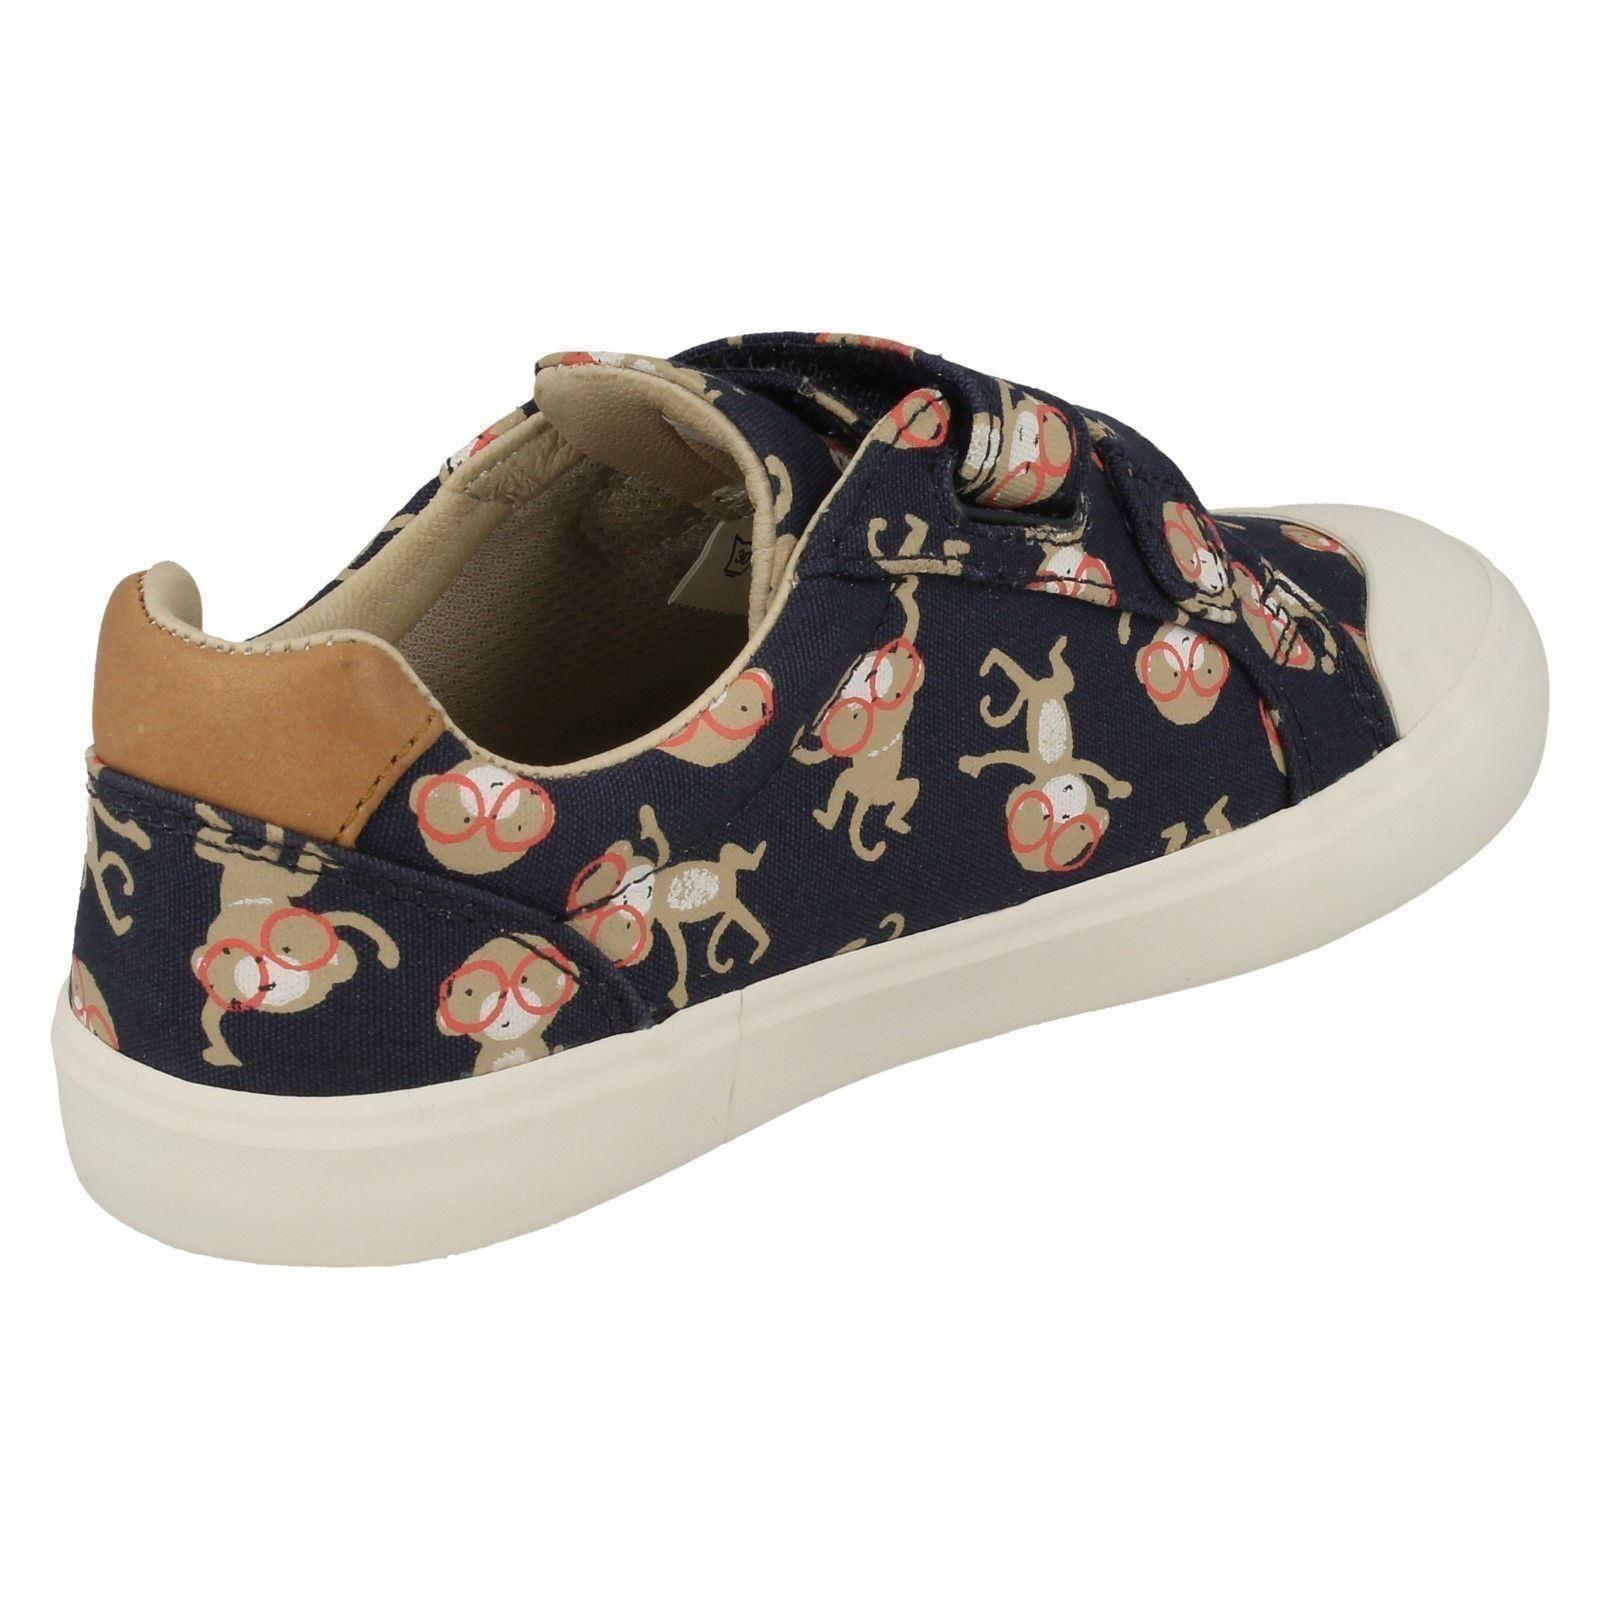 d482d50d477 Boys Clarks Canvas Shoes  Comic Air